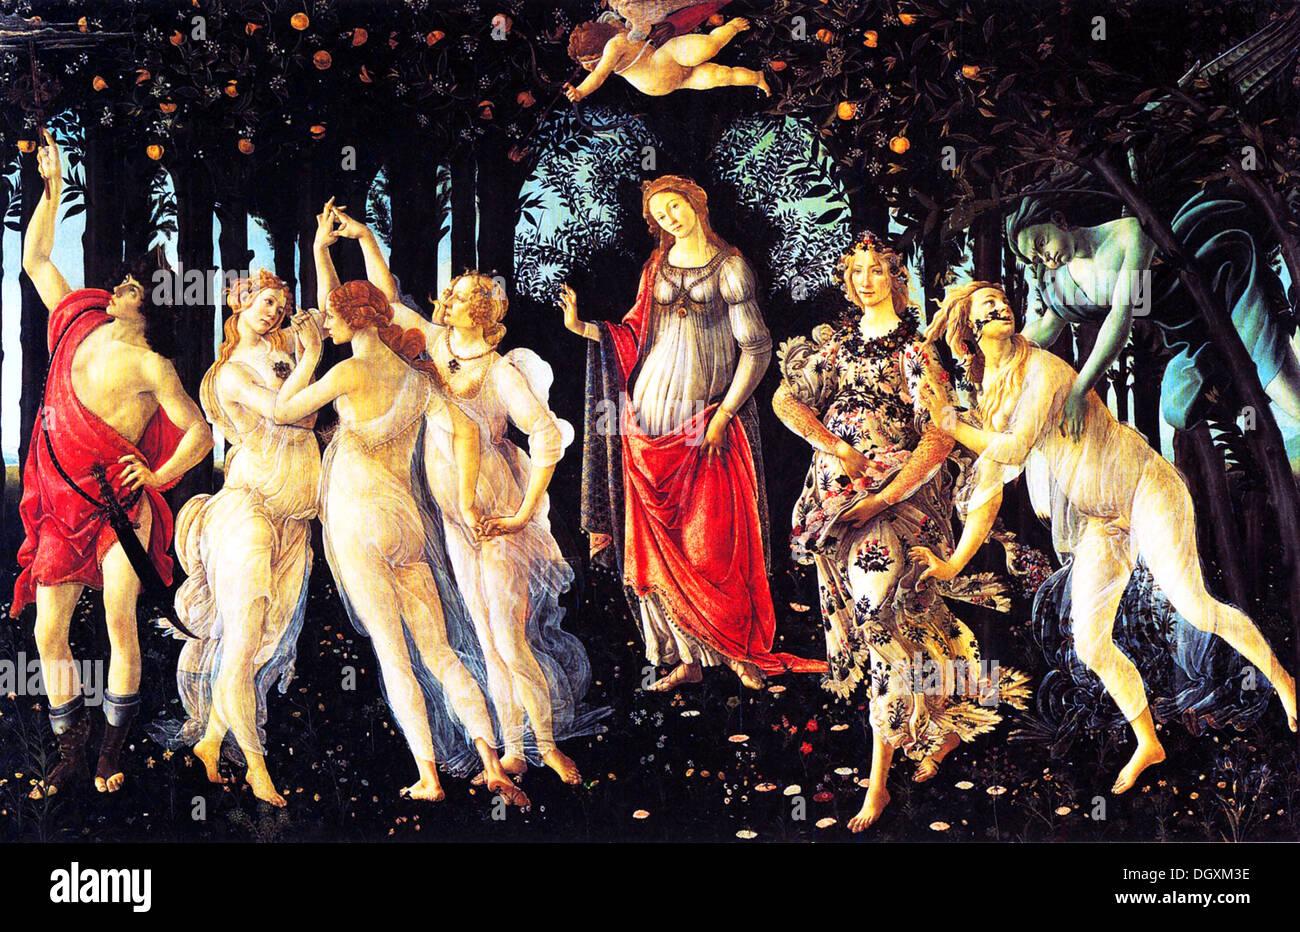 La Primavera - por Sandro Botticelli, 1482 - sólo para uso editorial. Imagen De Stock